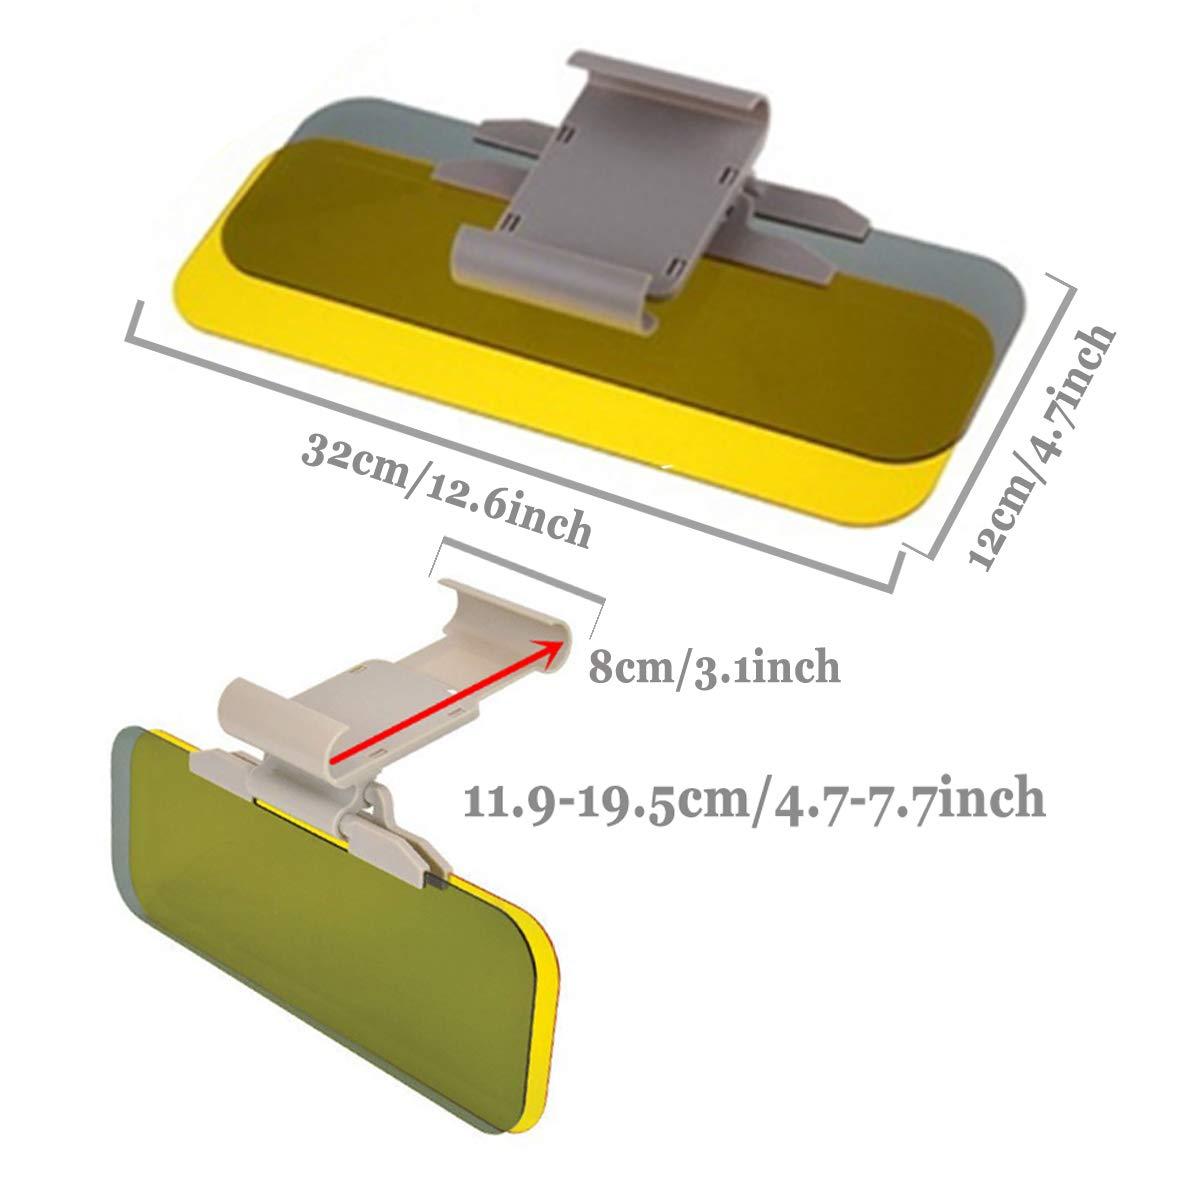 Ansblue Anti-Glare Car Visor,2 in 1 Automobile Sun Anti-UV Block Visor Non Glare Anti-Dazzle Sunshade Mirror Goggles Shield for Driving Goggles Car visor